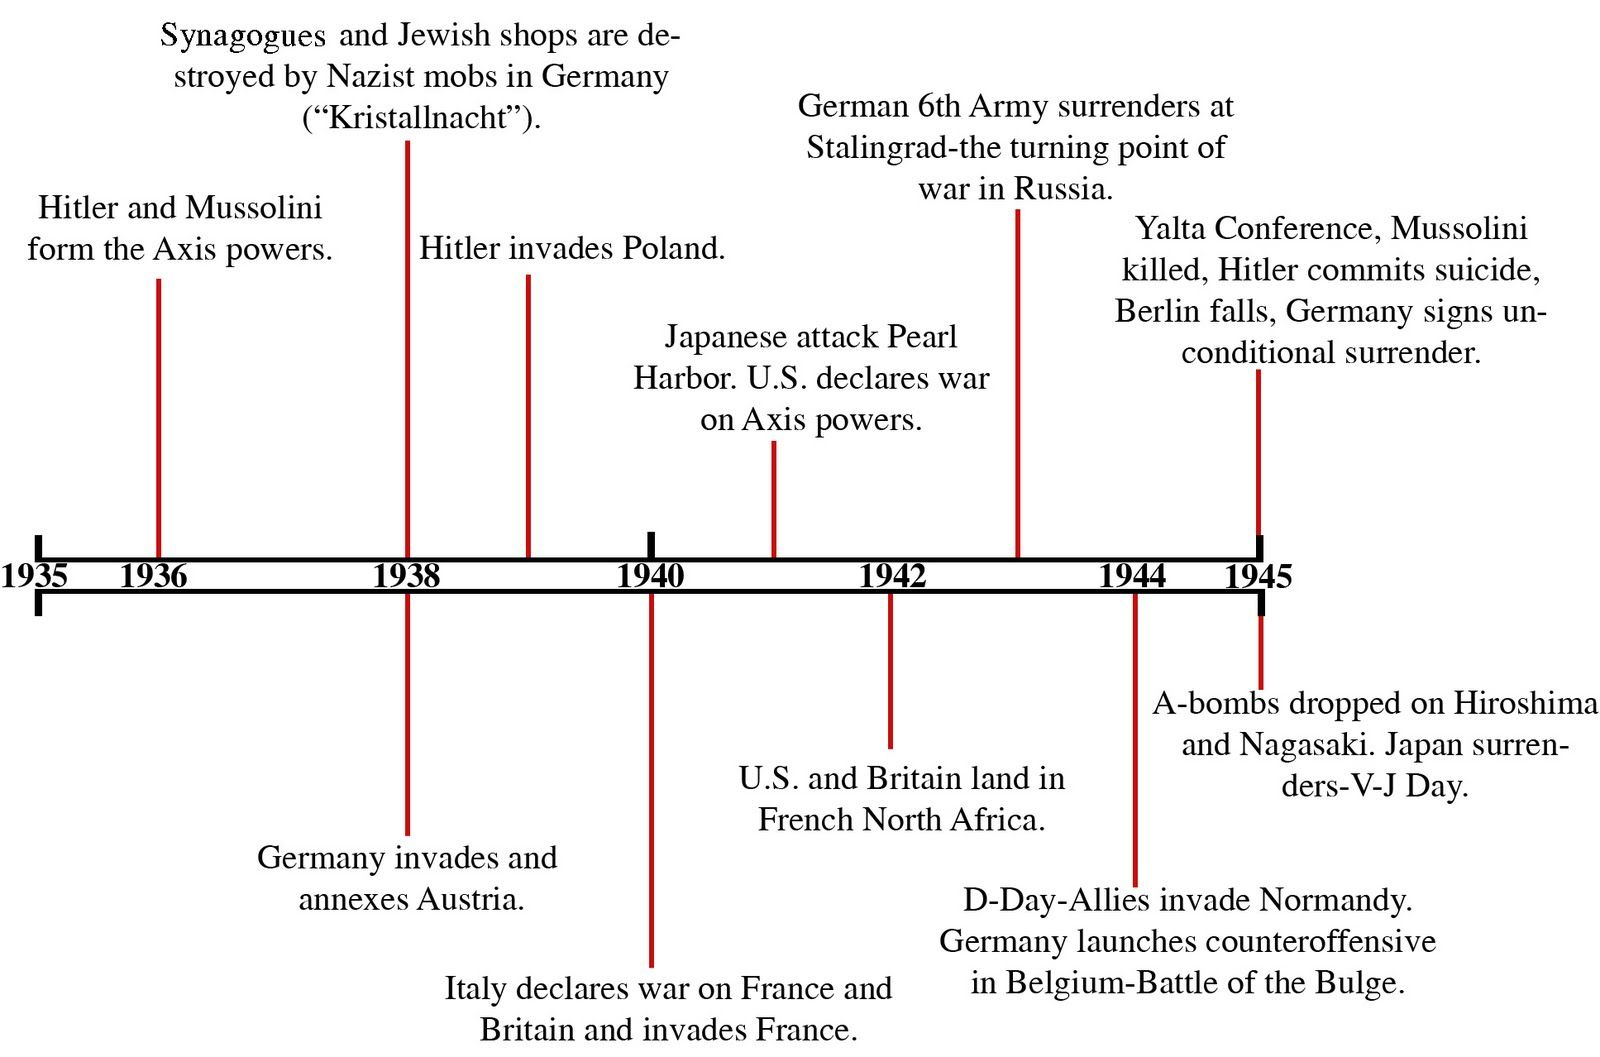 Ww2 Timeline